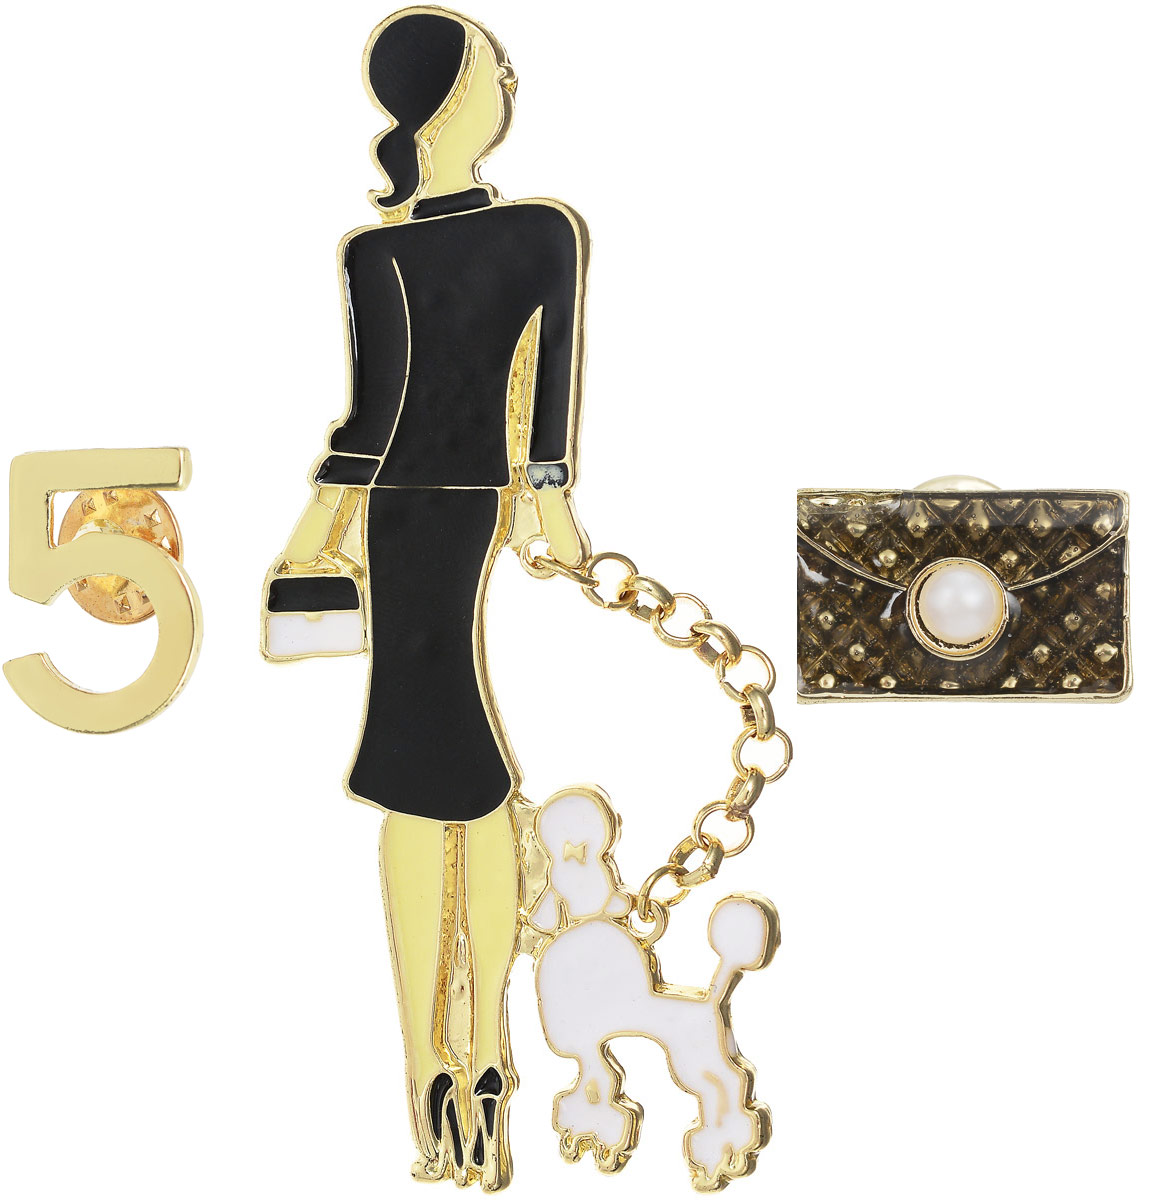 Комплект брошек Дама с пуделем, 3 шт. Цветные эмали, искусственный жемчуг, бижутерный сплав золотого тона. Arrina, ГонконгПуссеты (гвоздики)Комплект брошек Дама с пуделем в стиле Chanel, 3 шт.Цветные эмали, искусственный жемчуг, бижутерный сплав золотого тона.Arrina, Гонконг.Размер:Дама с пуделем - 9 х 3 см.Тип крепления - булавка с застежкой.Сумочка - 3 х 1,5 см.Тип крепления - гвоздик.Цифра 5 - 2 х 1,5 см.Тип крепления - гвоздик.